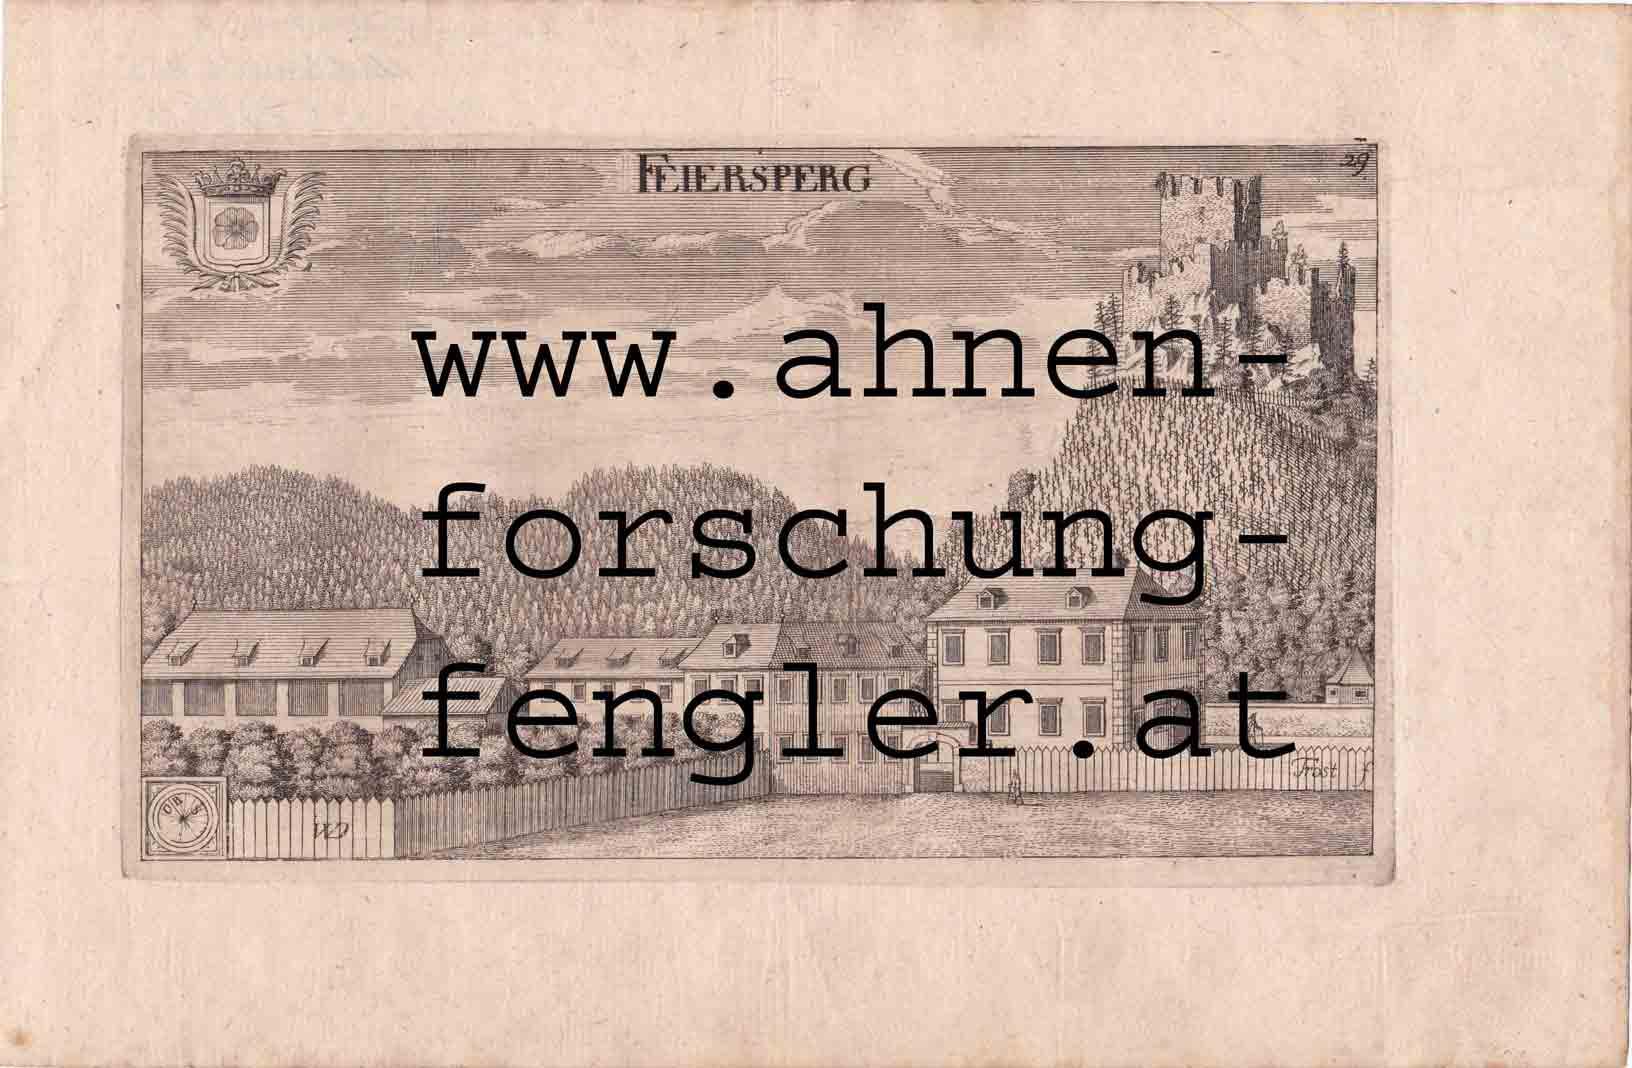 206009-Feiersberg